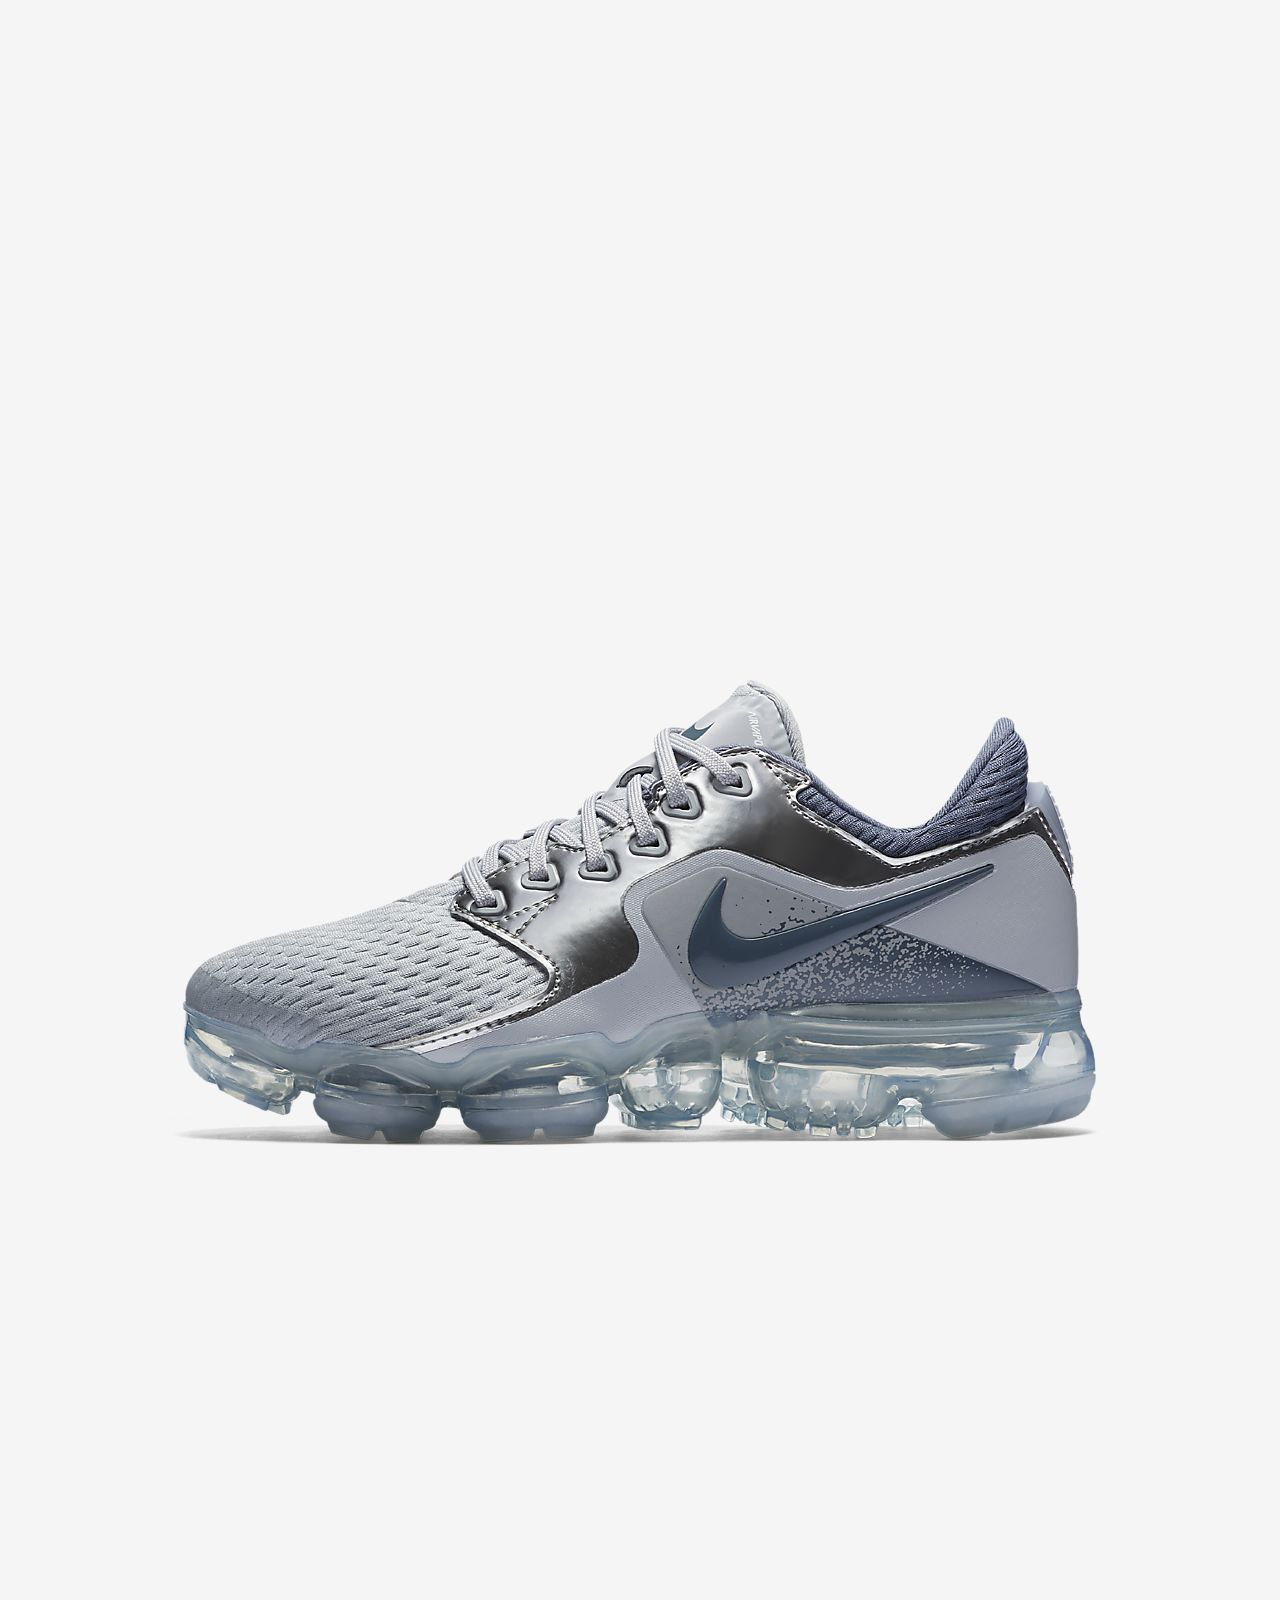 38766a3c3ea5 Nike Air VaporMax Big Kids  Running Shoe